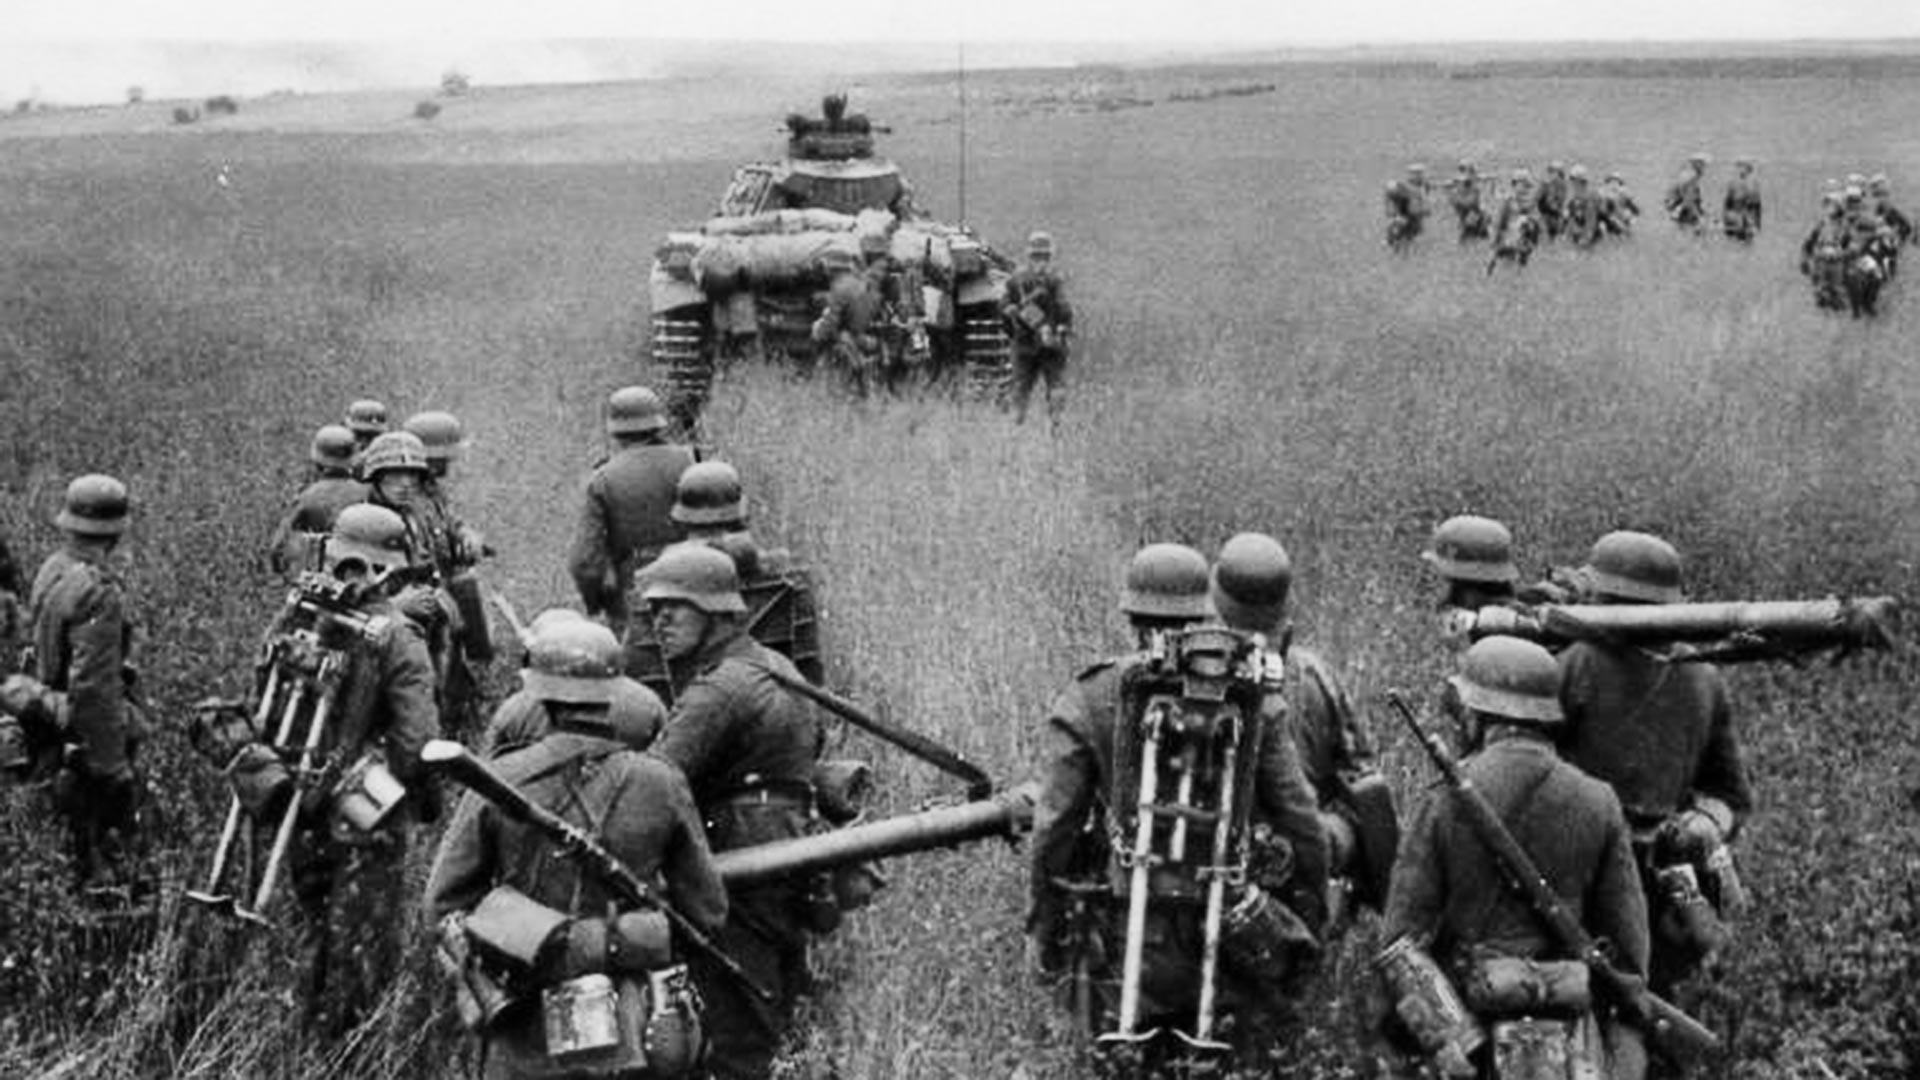 ドイツ軍の攻撃